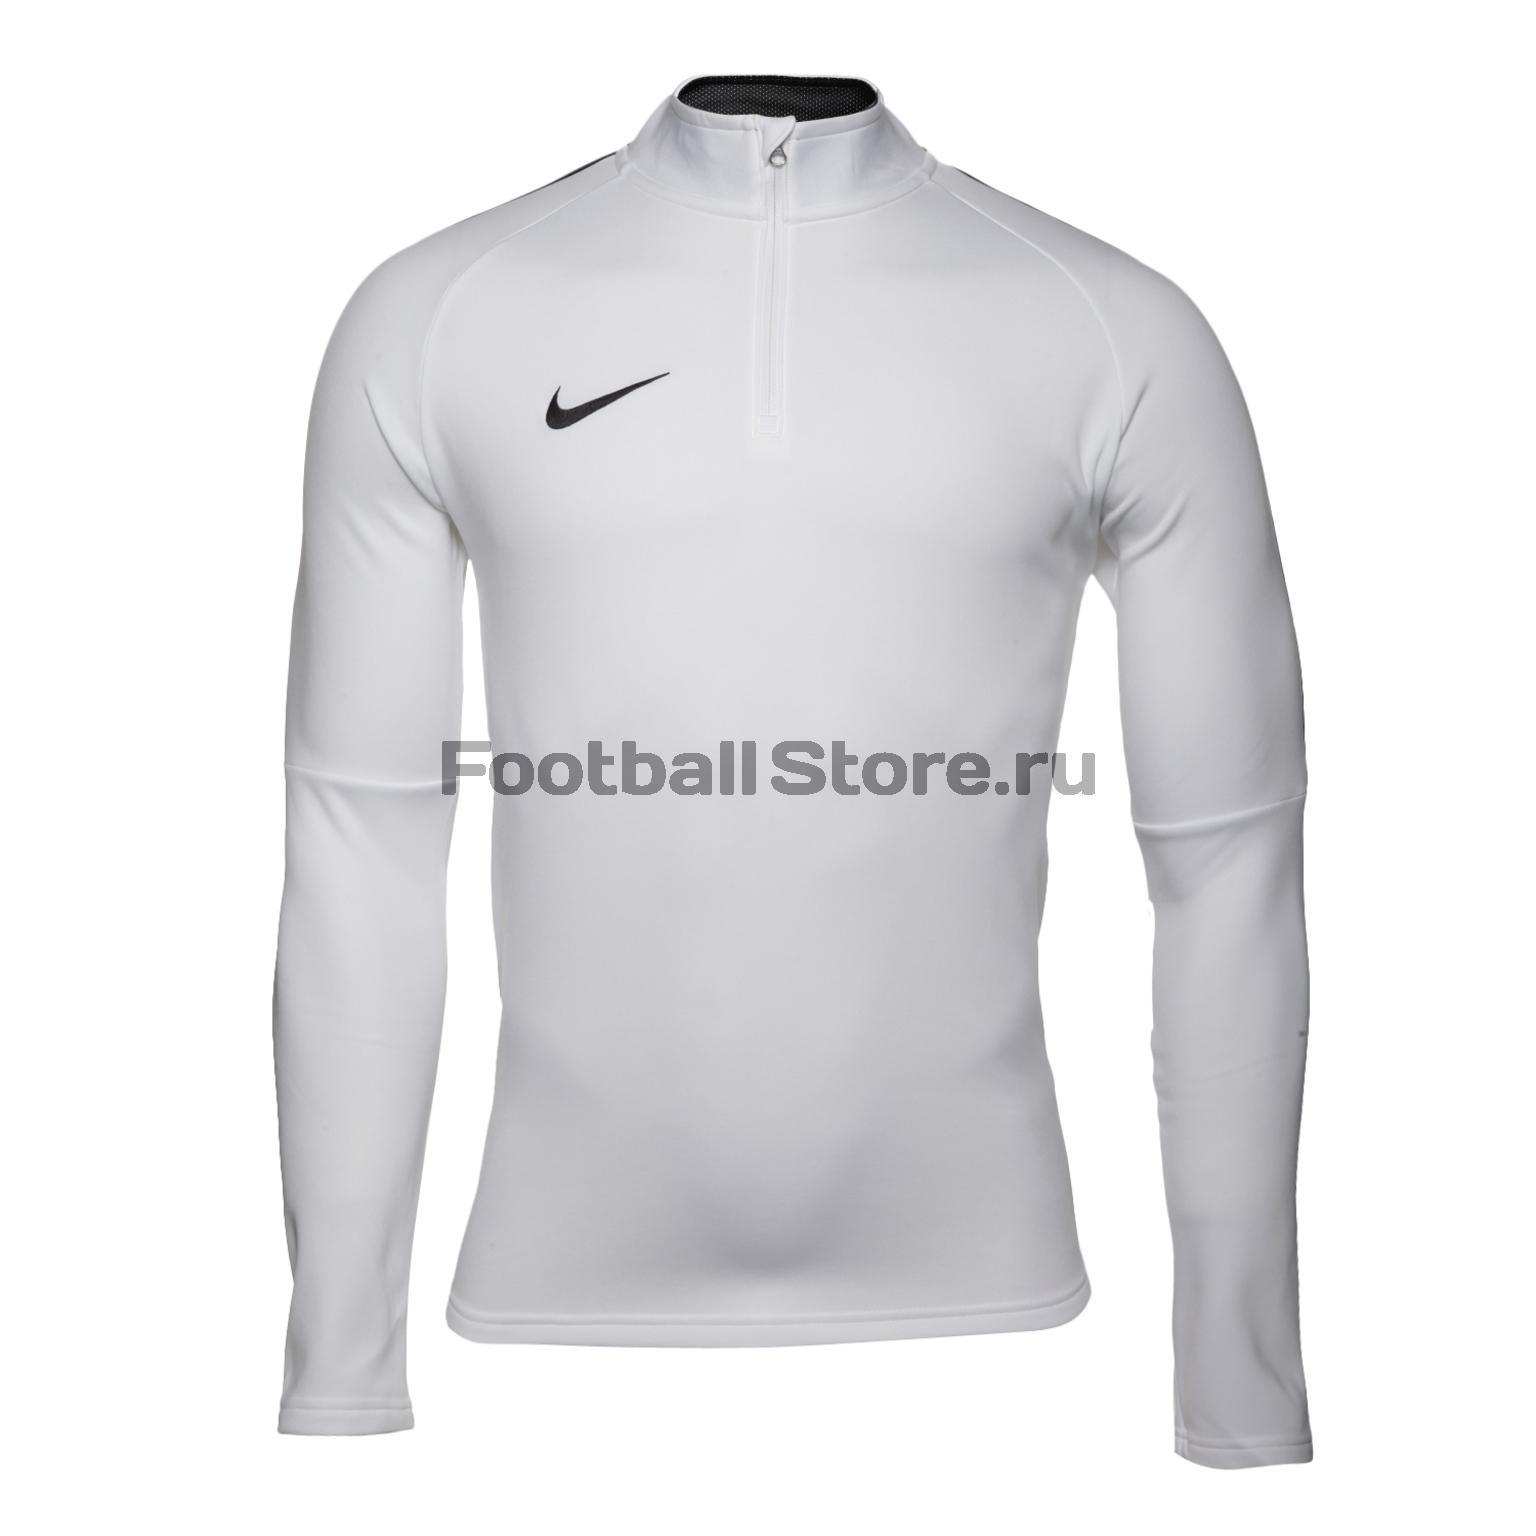 Фото - Свитер тренировочный Nike Dry Academy18 Dril Top LS 893624-100 свитер тренировочный nike dry academy18 dril top ls 893624 451